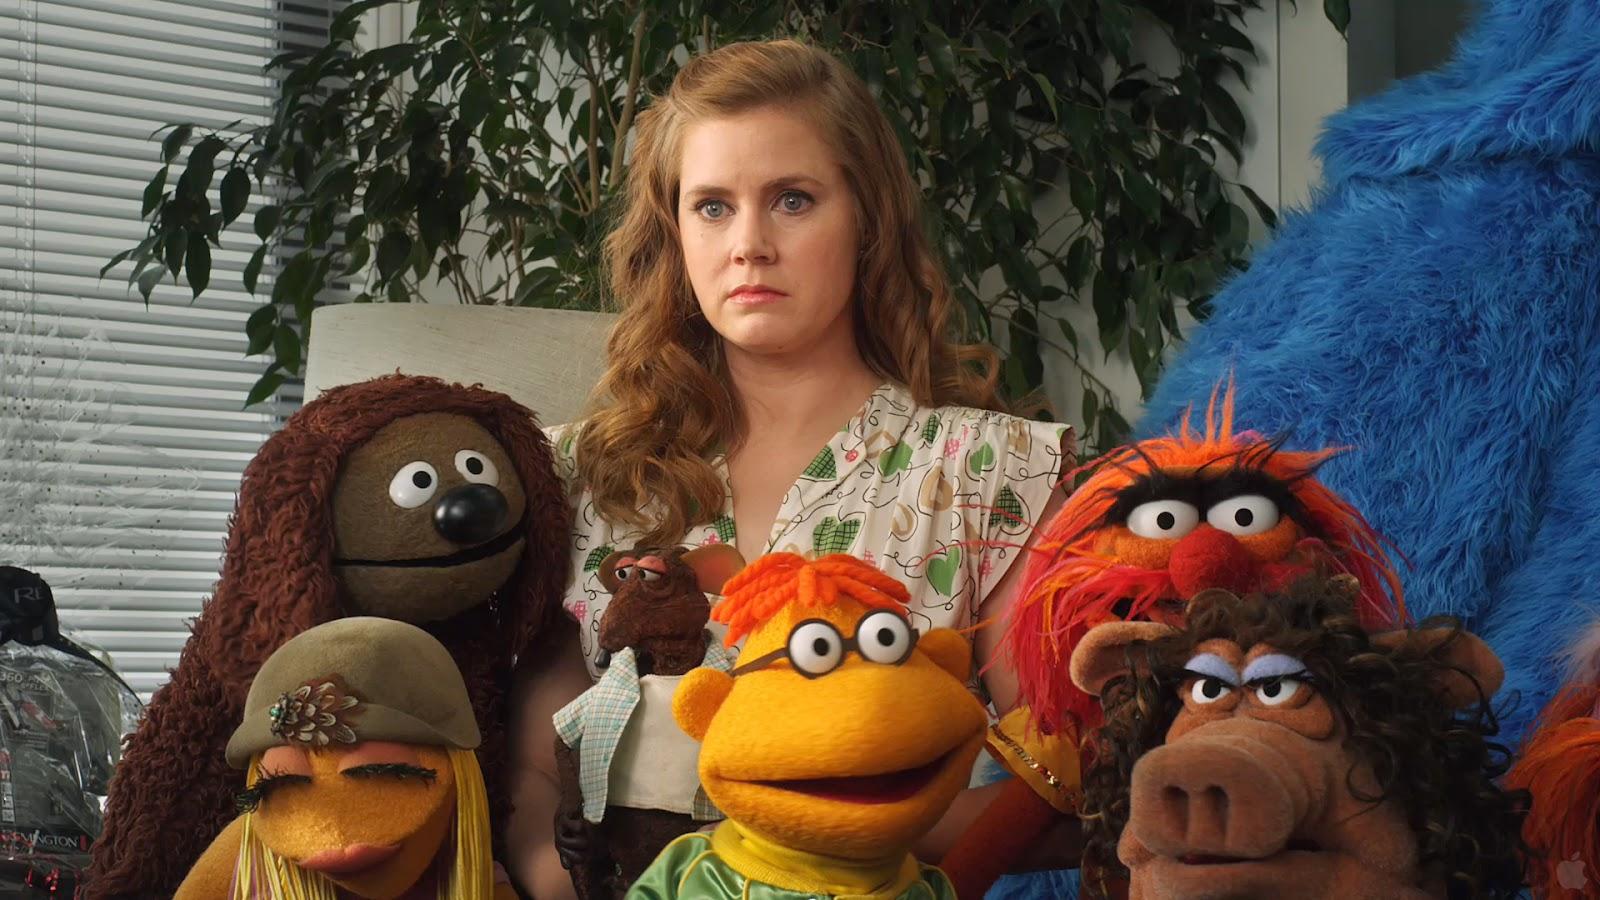 http://1.bp.blogspot.com/-x35fD-BtvKY/TzIlXCBC-ZI/AAAAAAAABt8/Ip2gKtgeWsc/s1600/muppets.jpg